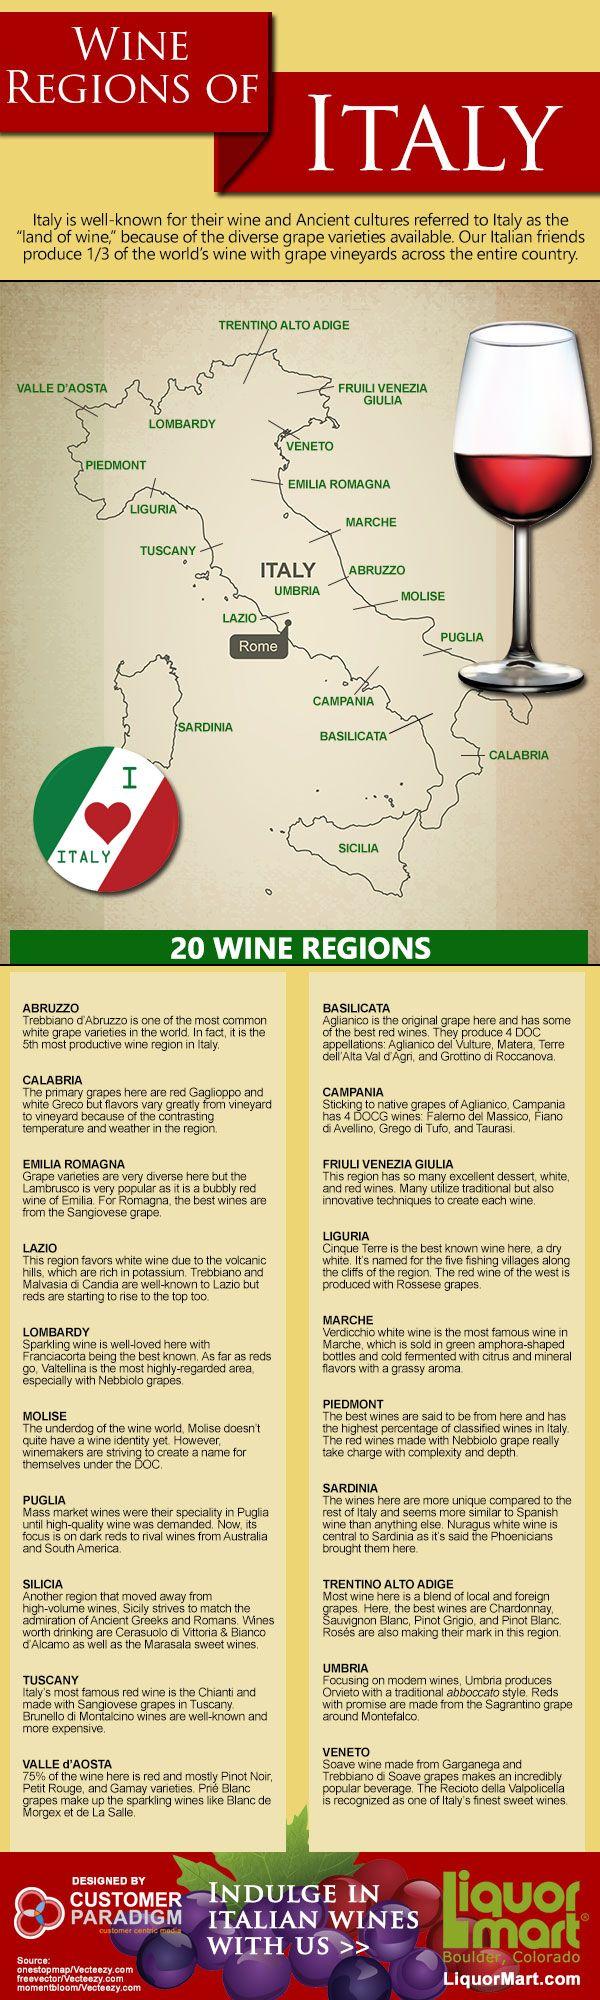 Wine Regions of Italy #infographic #wine #italian